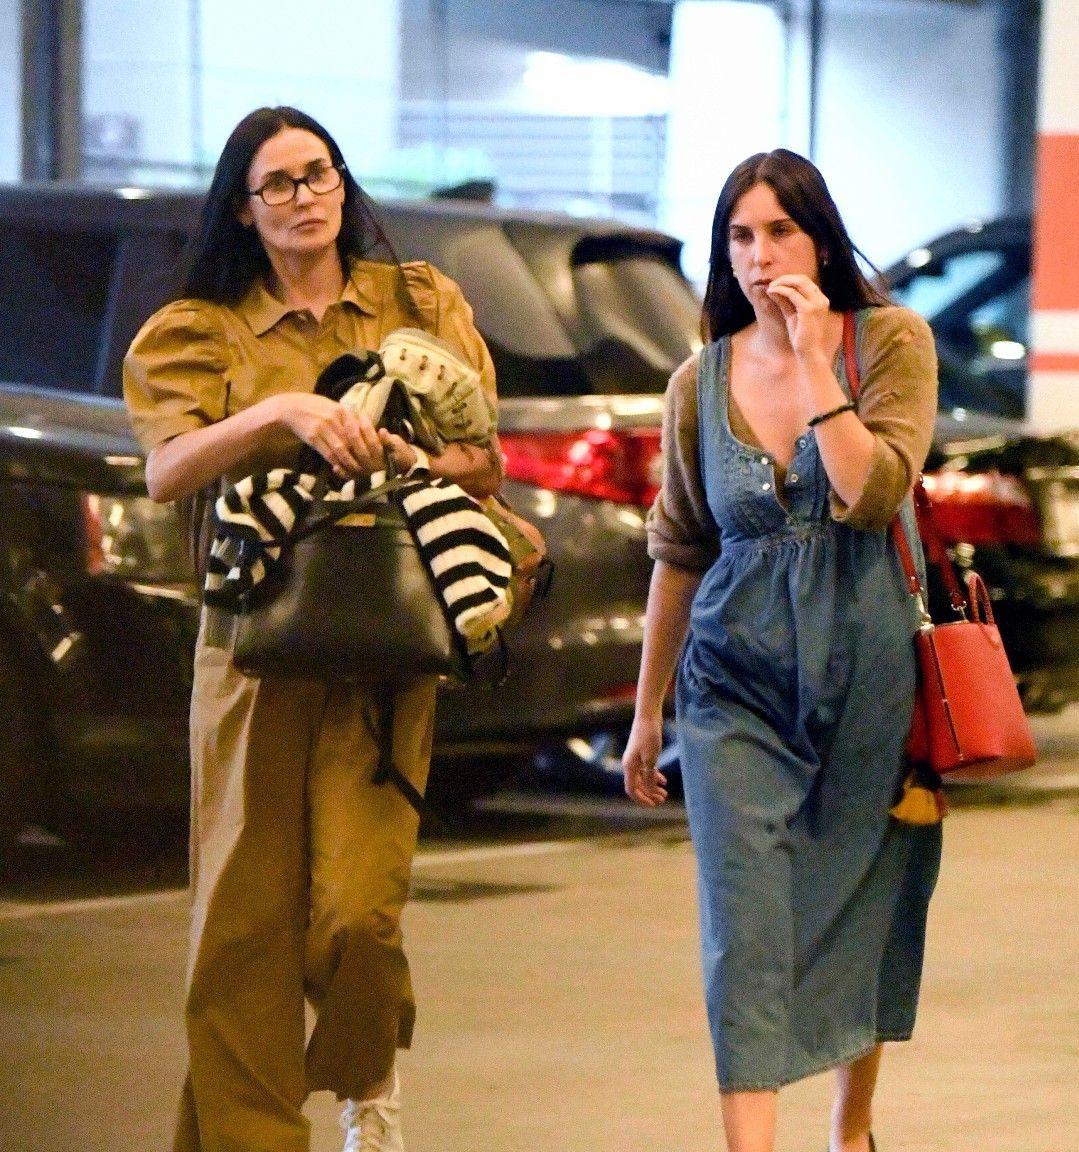 2019年10月14日黛米·摩尔被拍到和女儿斯科特·威利斯洛杉矶逛